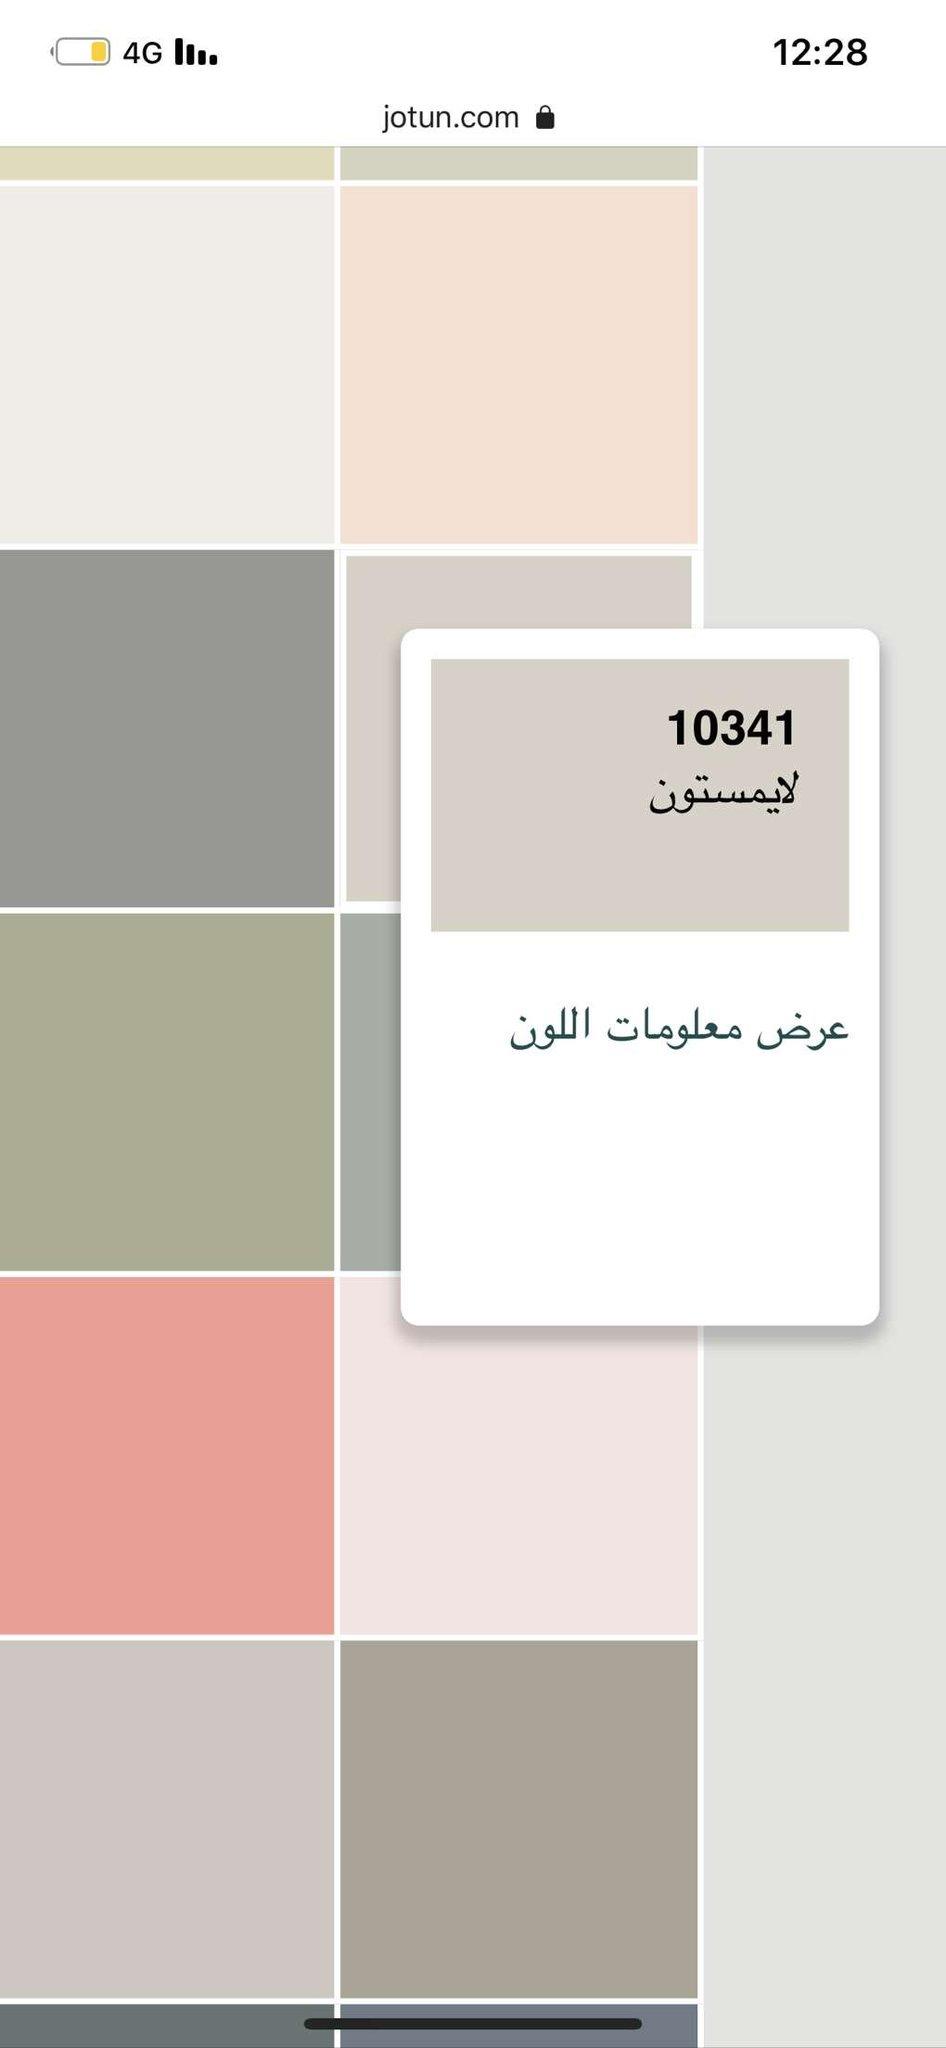 Id Amani المصممه أماني A Twitter ٣ او ٤ مرات ينذكر لي هذا اللون من دهانات جوتن لايمستون لون الموسم عندكم لون جميل